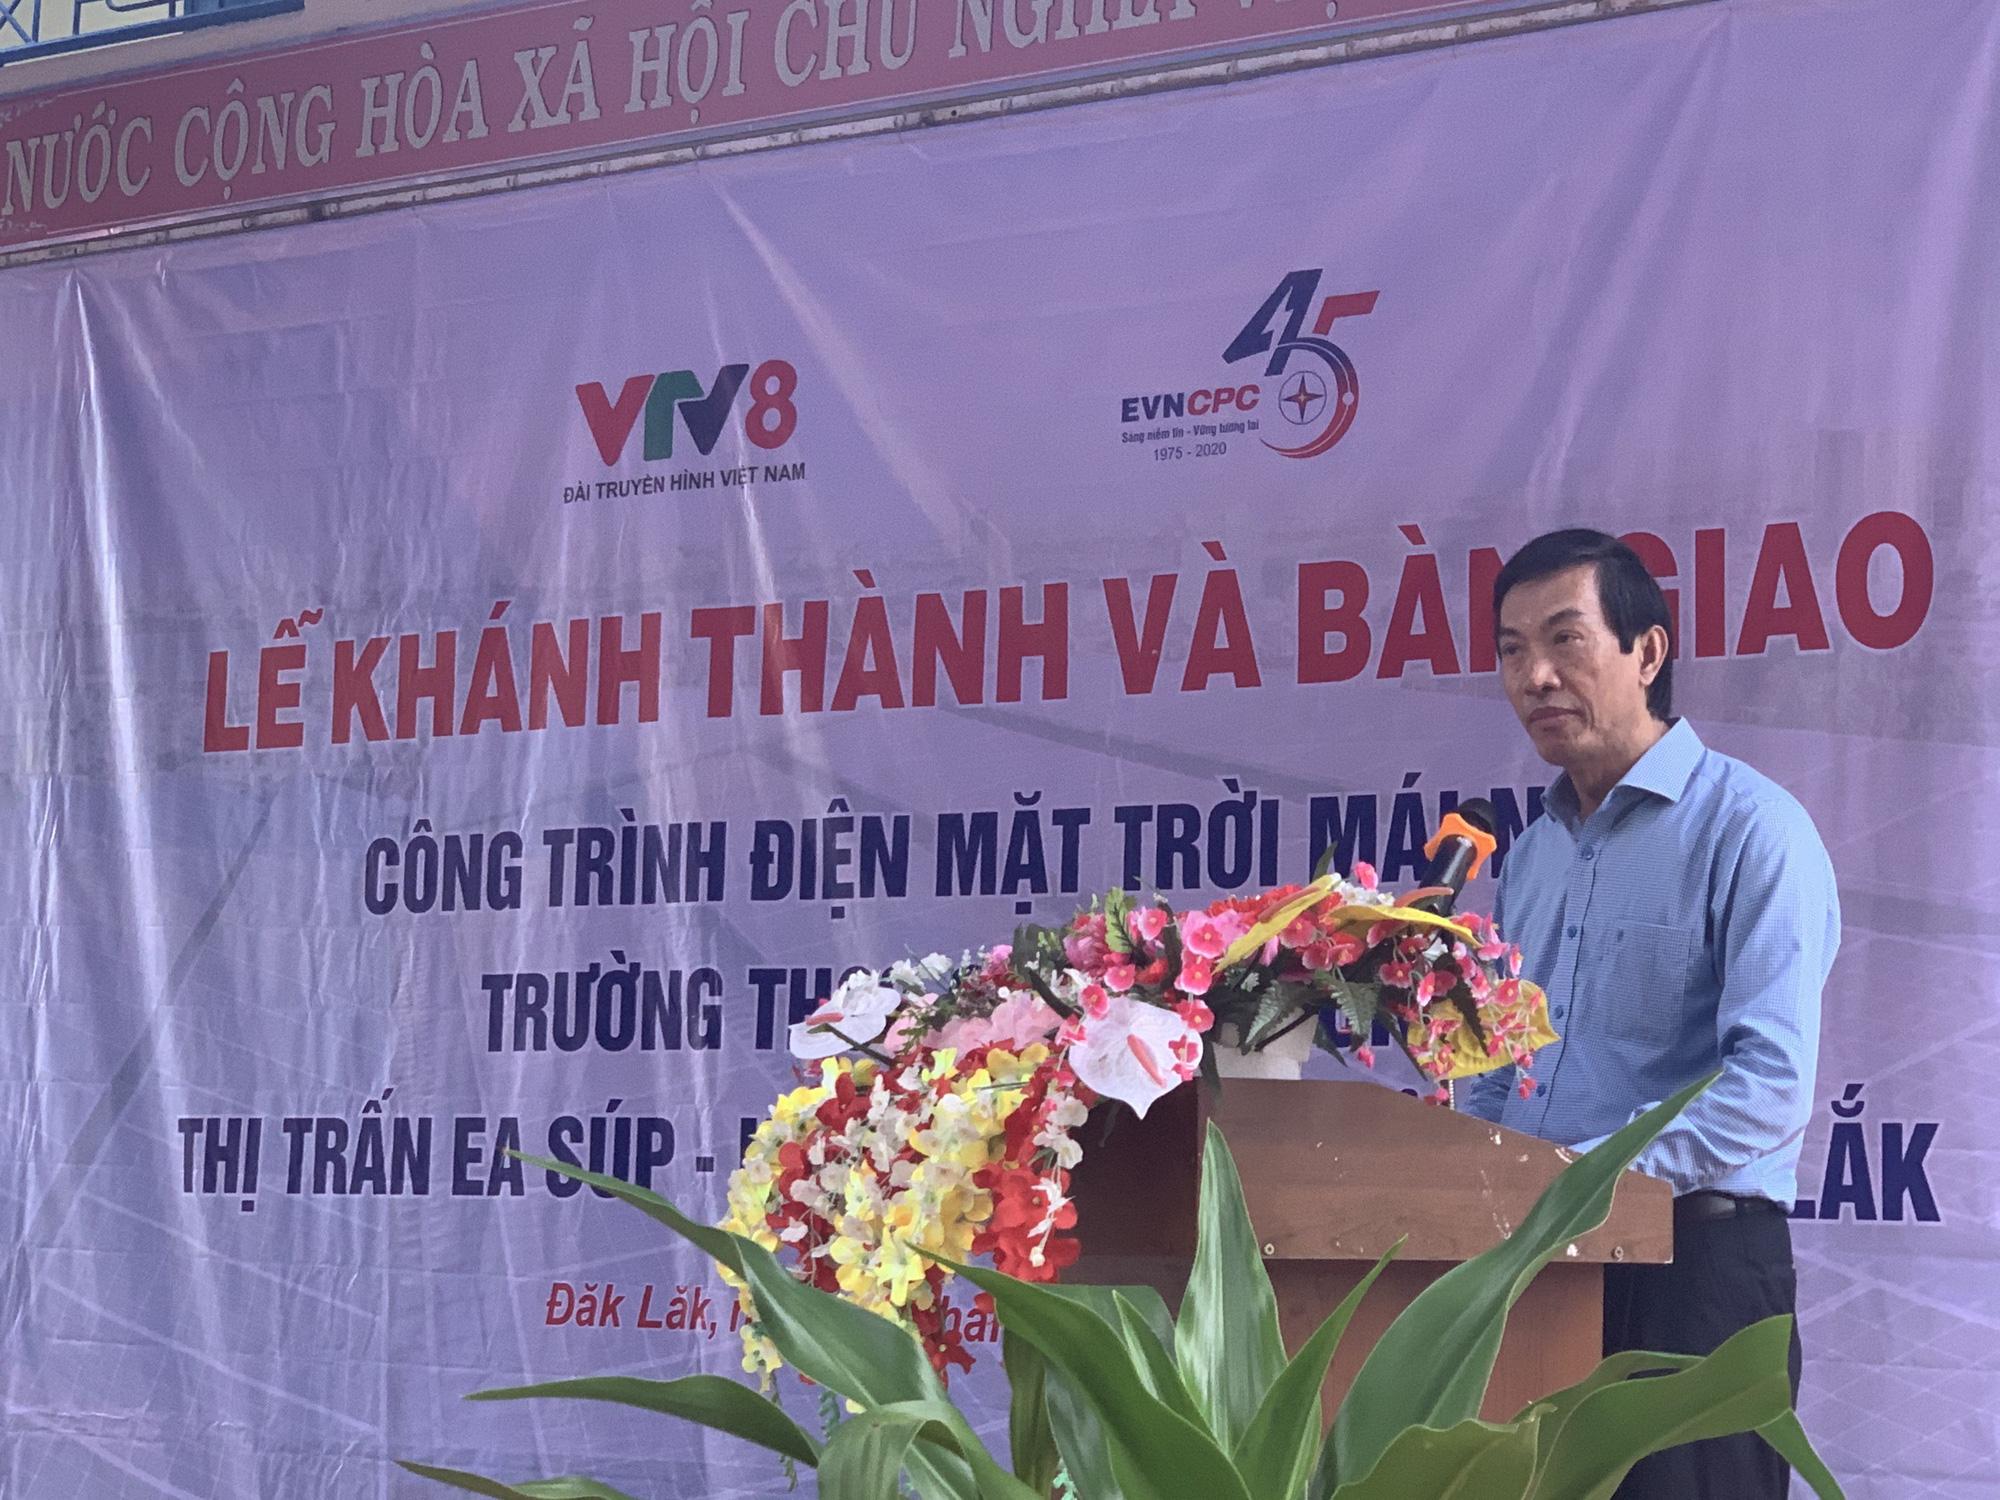 Tổng Công ty Điện lực miền Trung bàn giao hệ thống điện mặt trời mái nhà cho trường học tại Đắk Lắk - Ảnh 2.